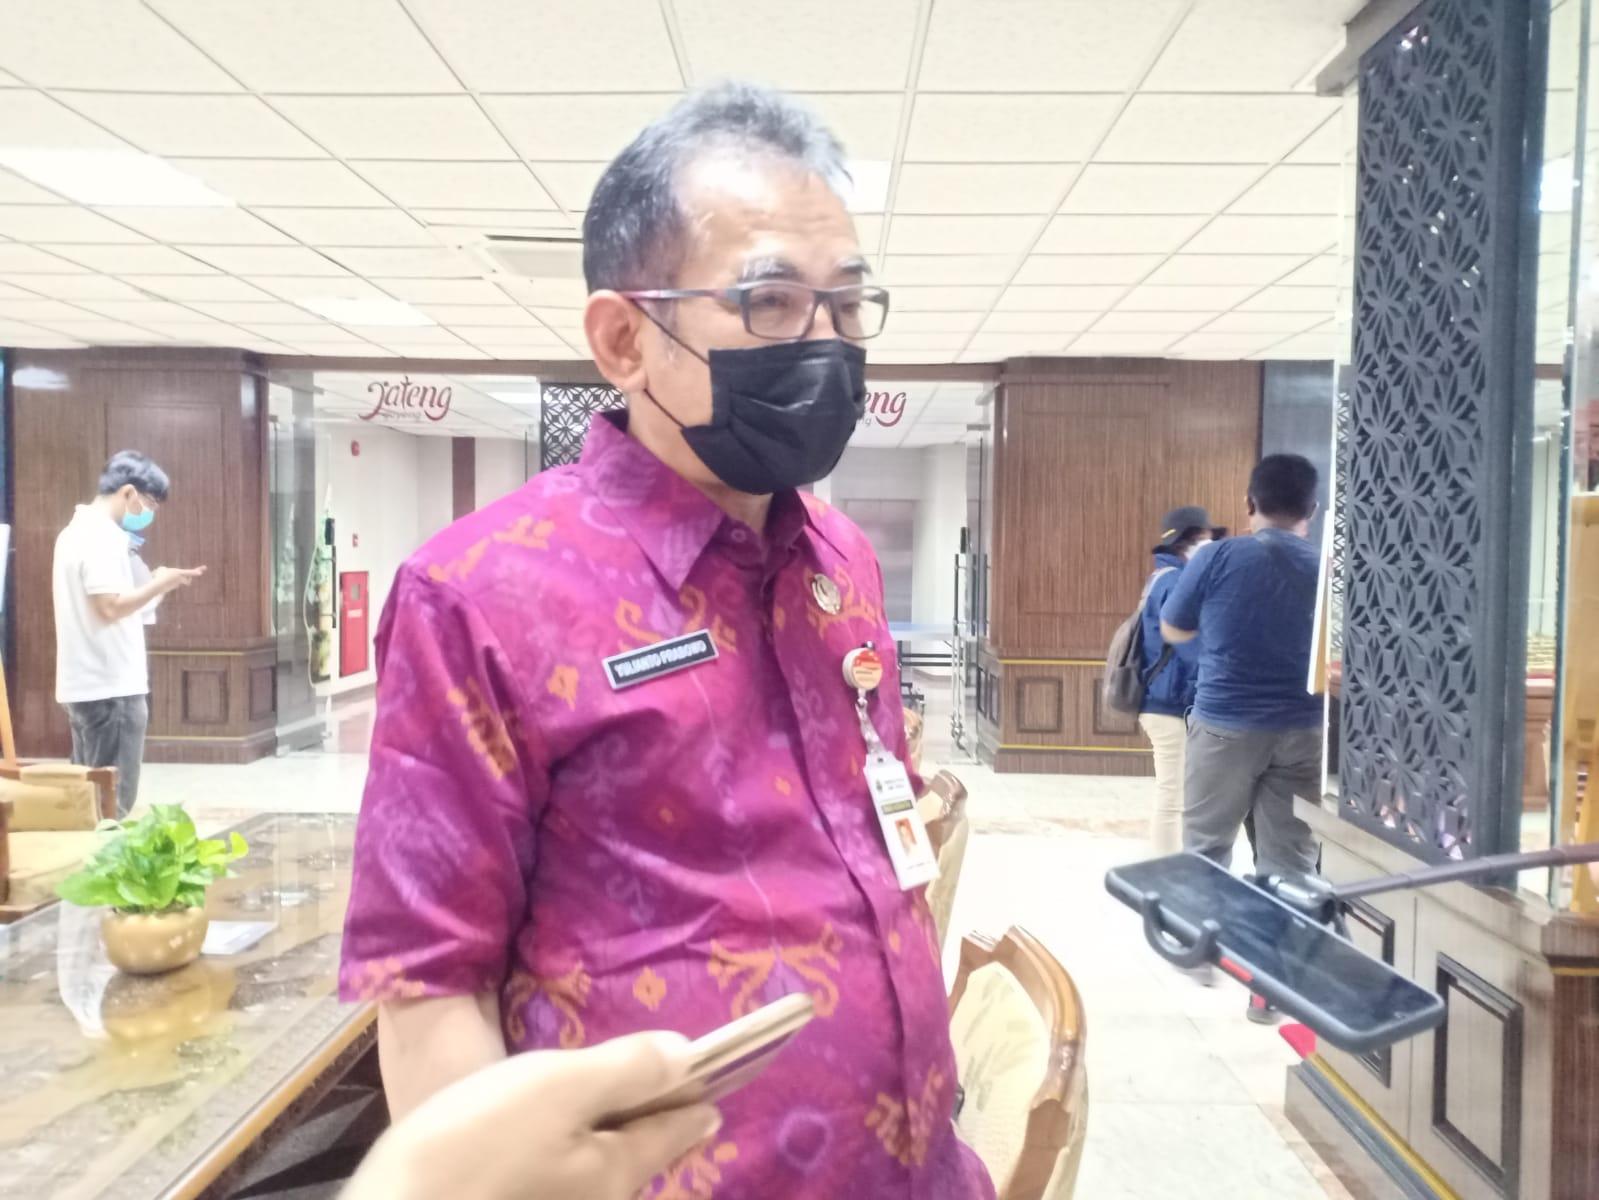 Kadinkes Jawa Tengah Yulianto Prabowo Setelah melakukan rapat penanganan Covid-19, menyampaikan klaster sekolah. FOTO: Rezanda Akbar D/Lingkar.co